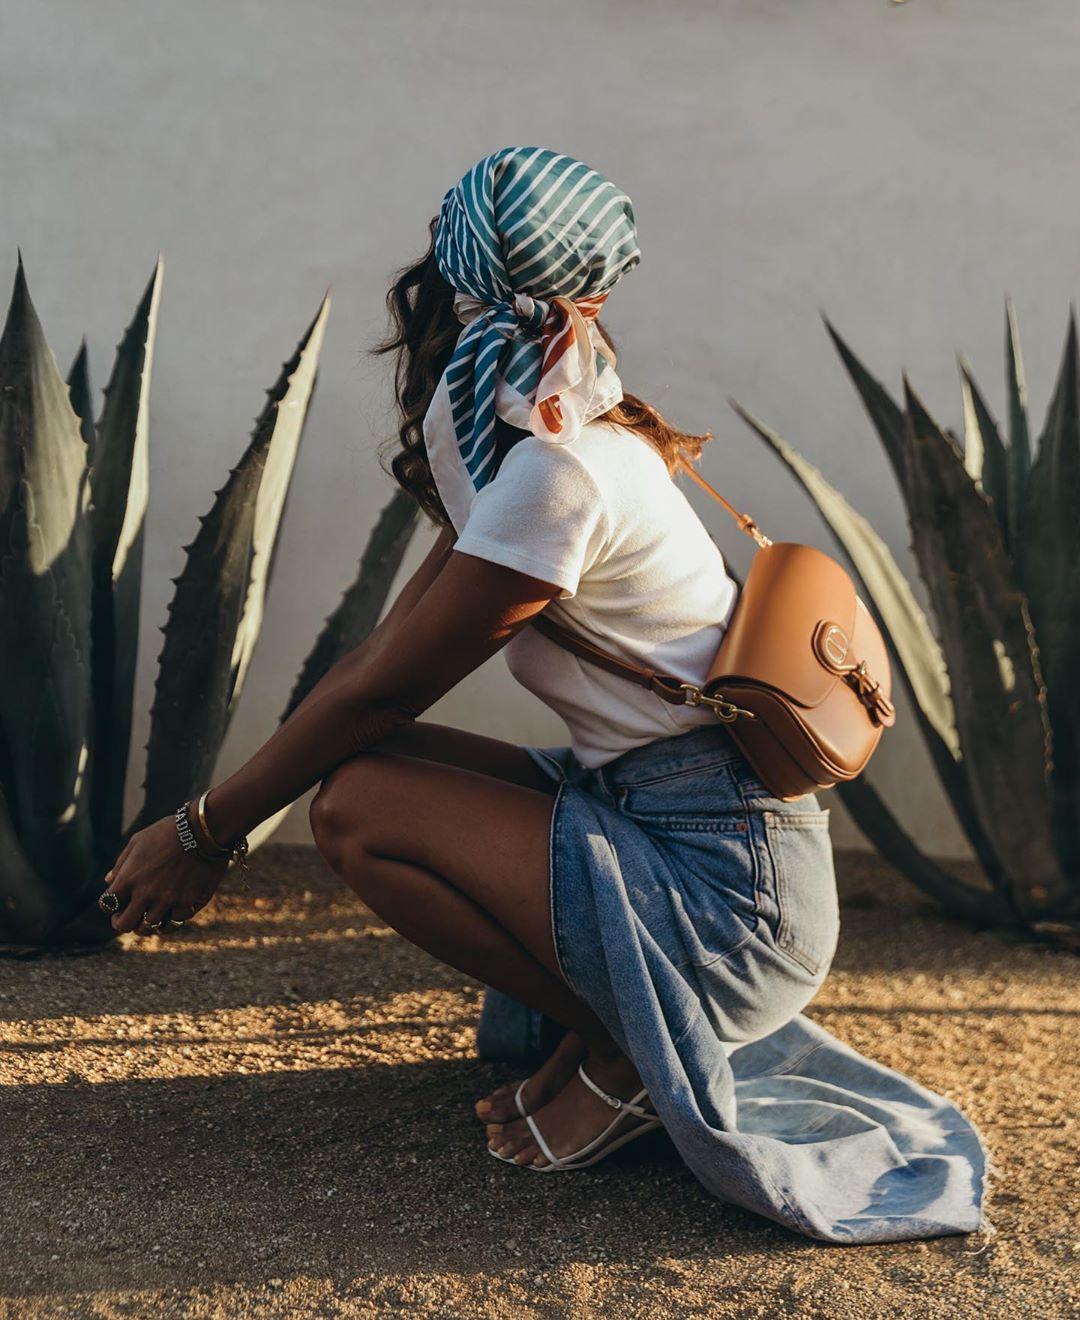 12 υπέροχες (& οικονομικές) φούστες από τα Mango που θα κάνουν τη ζωή σου ευκολότερη και πιο… στυλάτη!